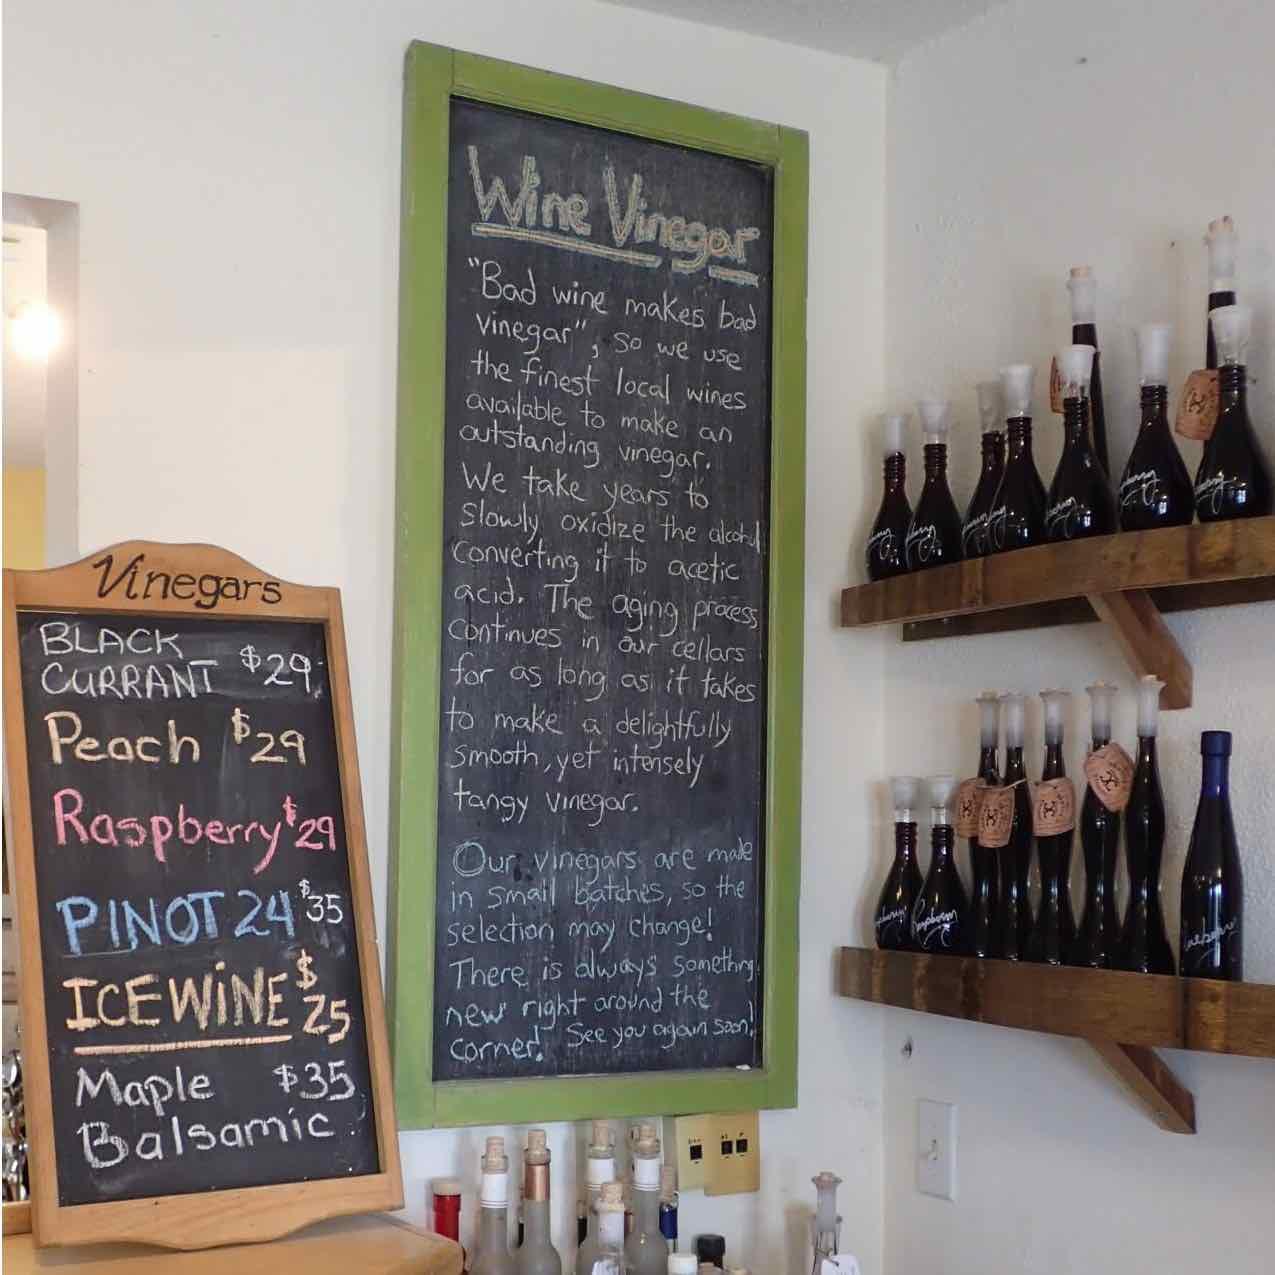 List of Vinegars at Black Prince Winery & Canadian Vinegar Cellars